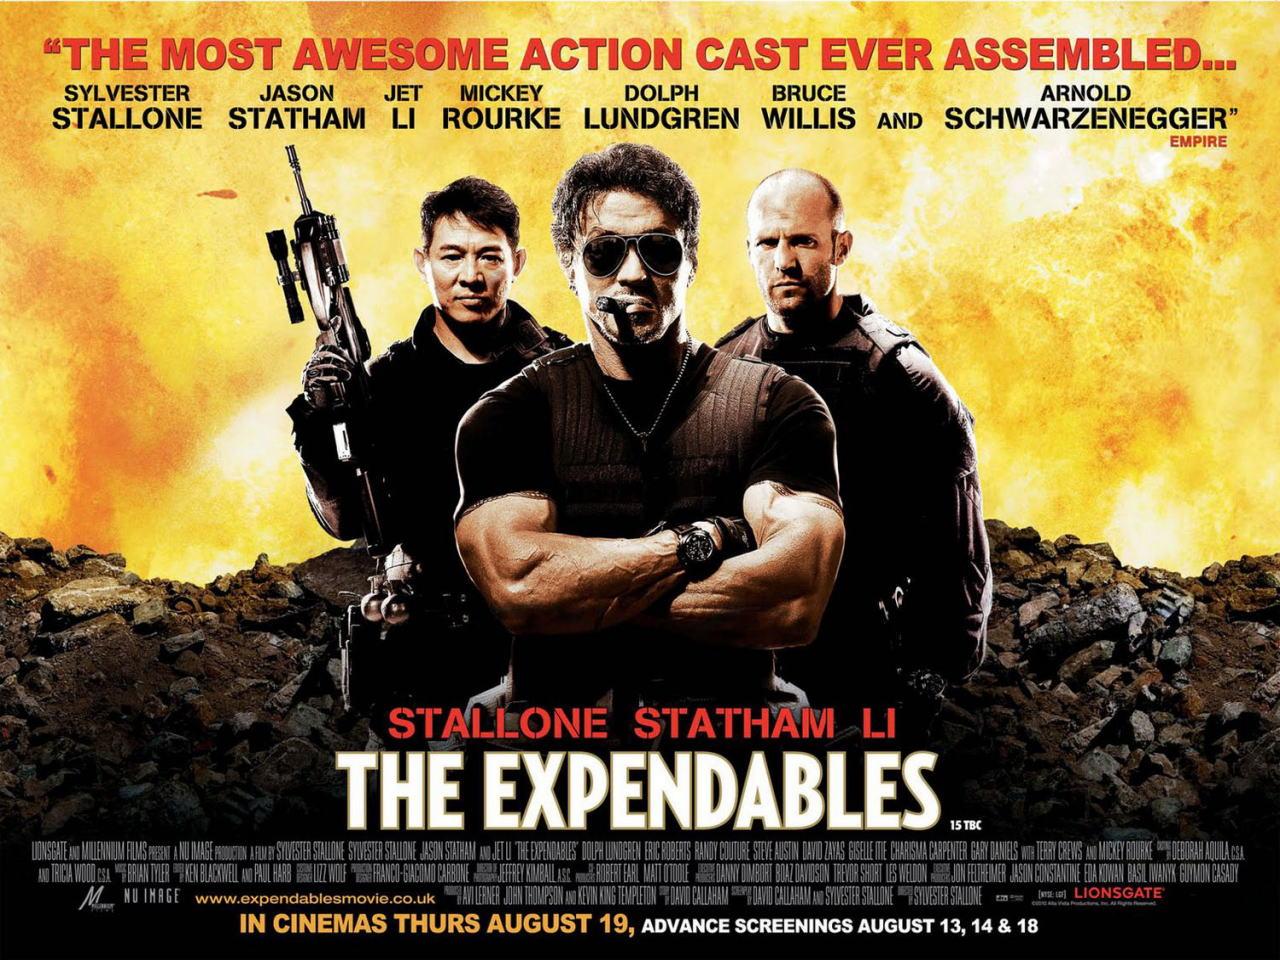 映画『エクスペンダブルズ PROMETHEUS』ポスター(8) ▼ポスター画像クリックで拡大します。